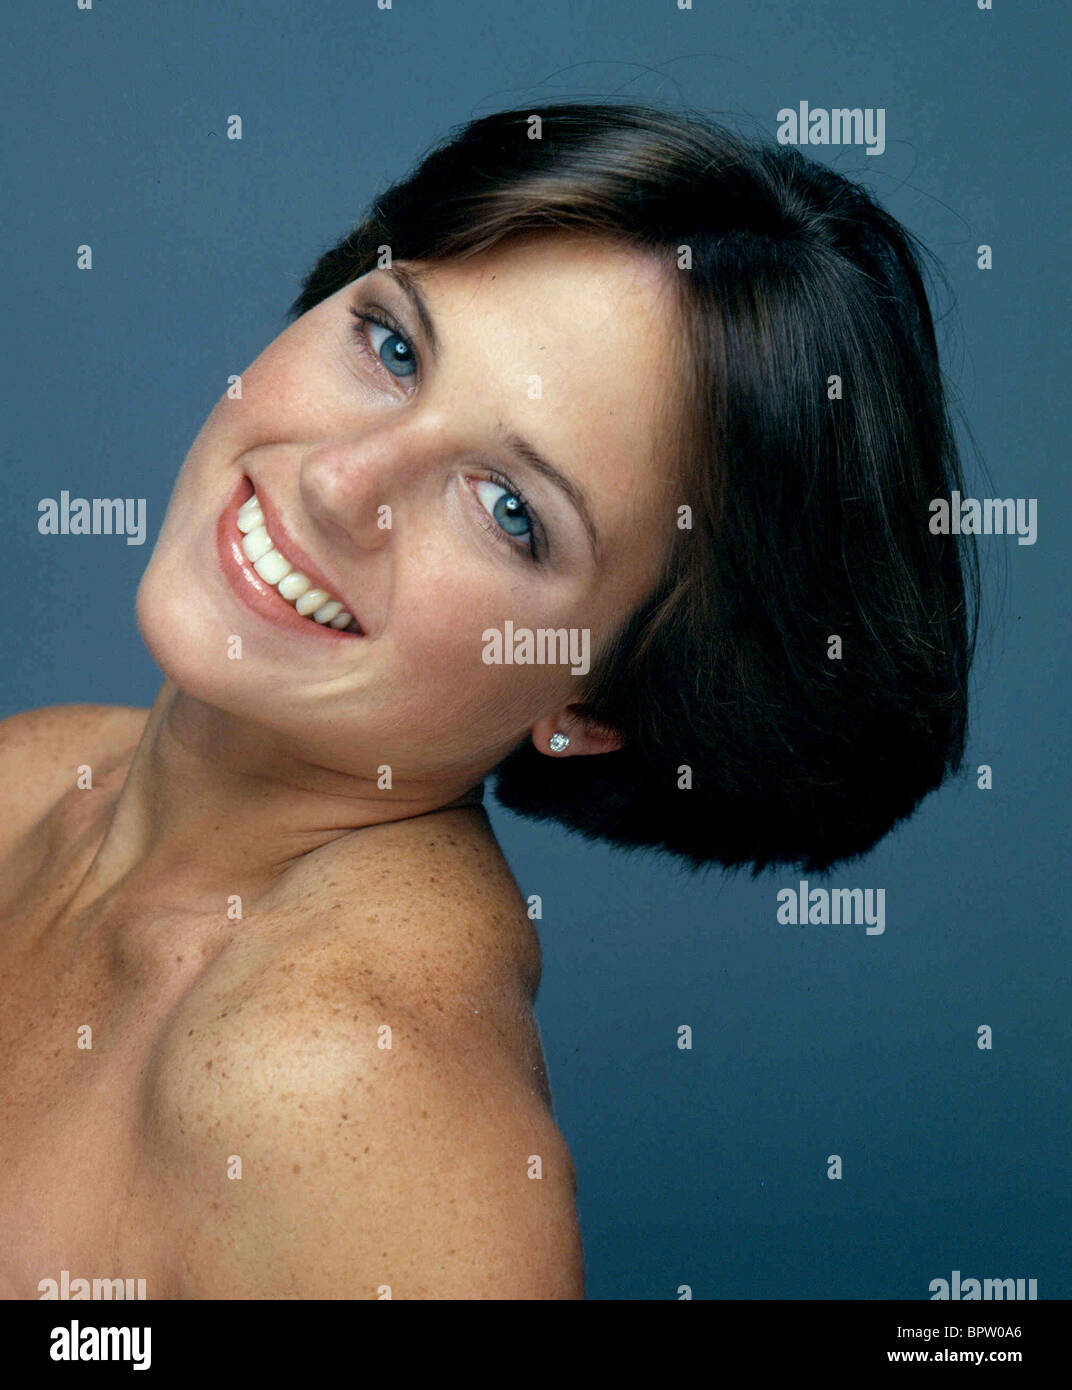 dorothy hamill actress (1983 stock photo, royalty free image